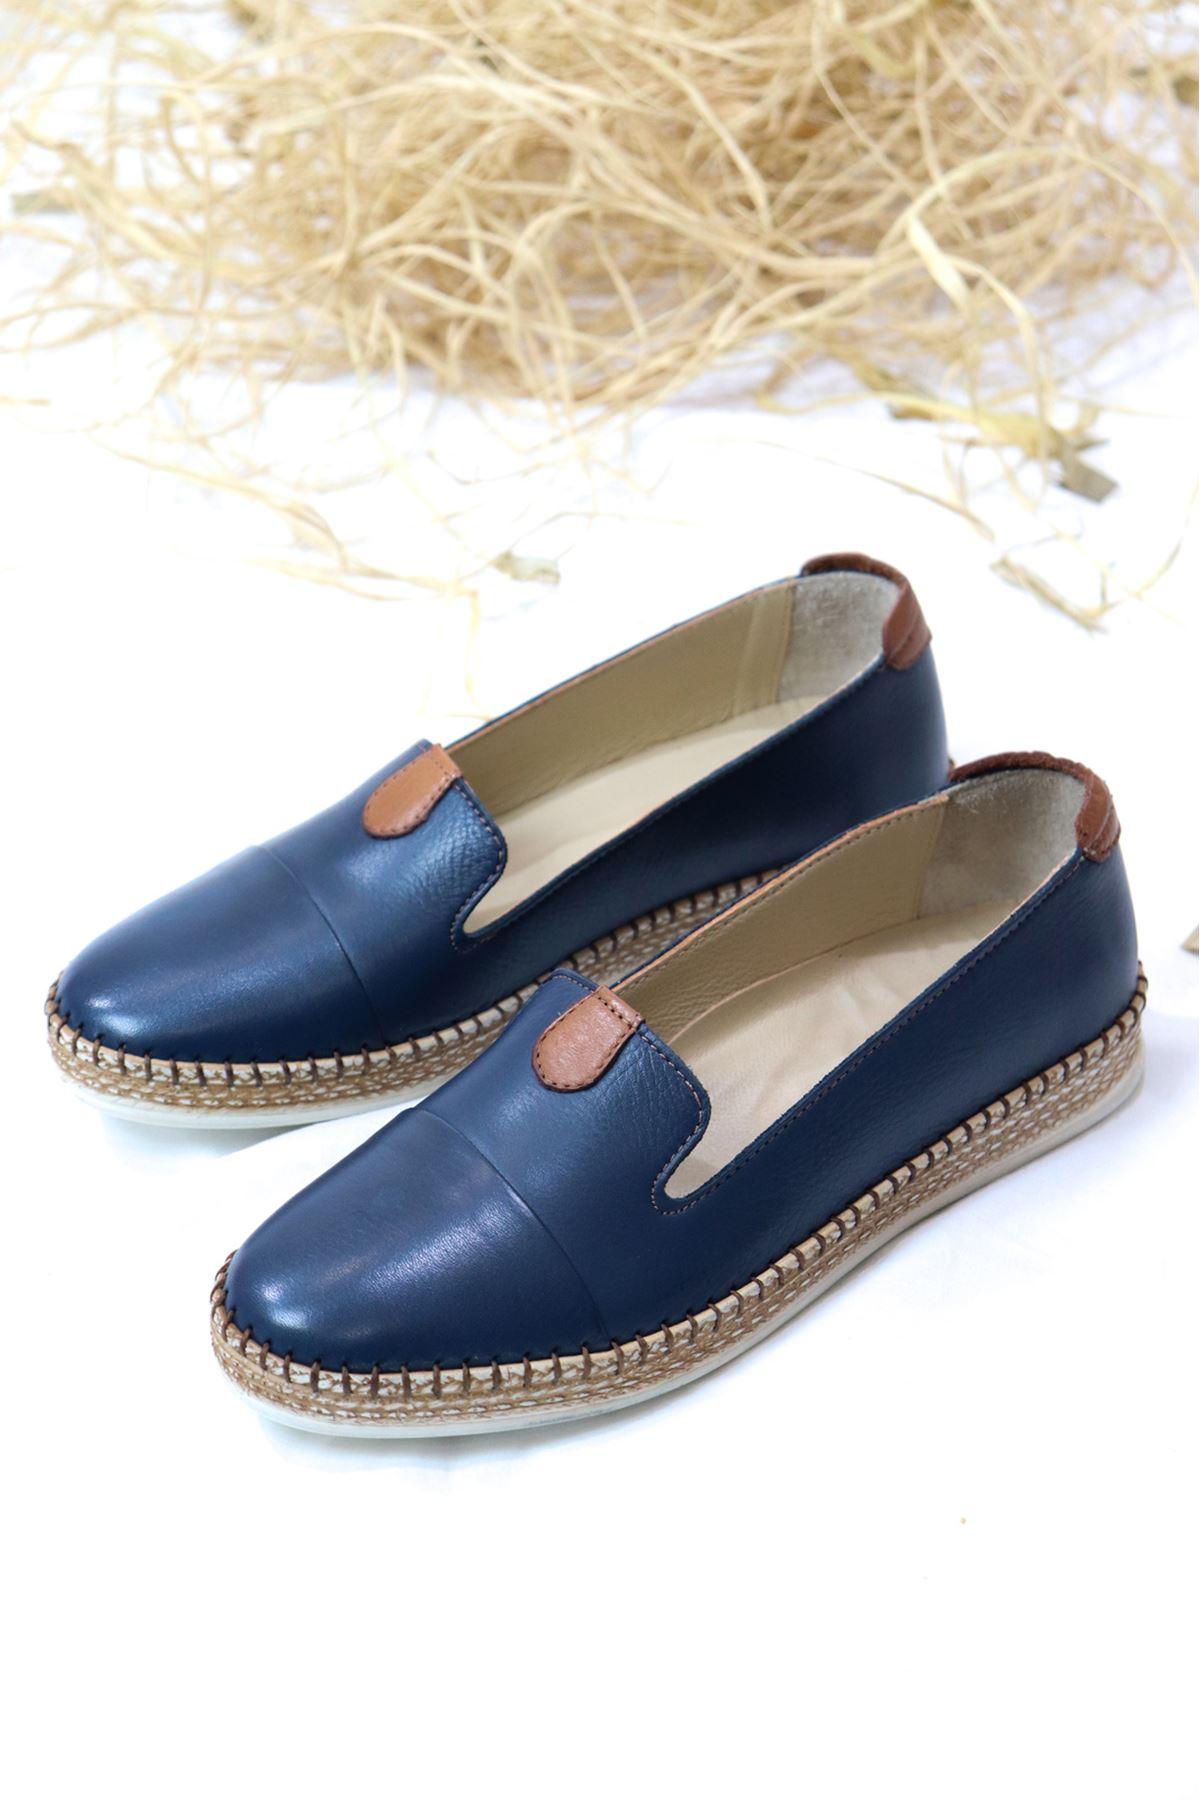 Marine Shoes - 21Y050-P01 Deri Babet Lacivert